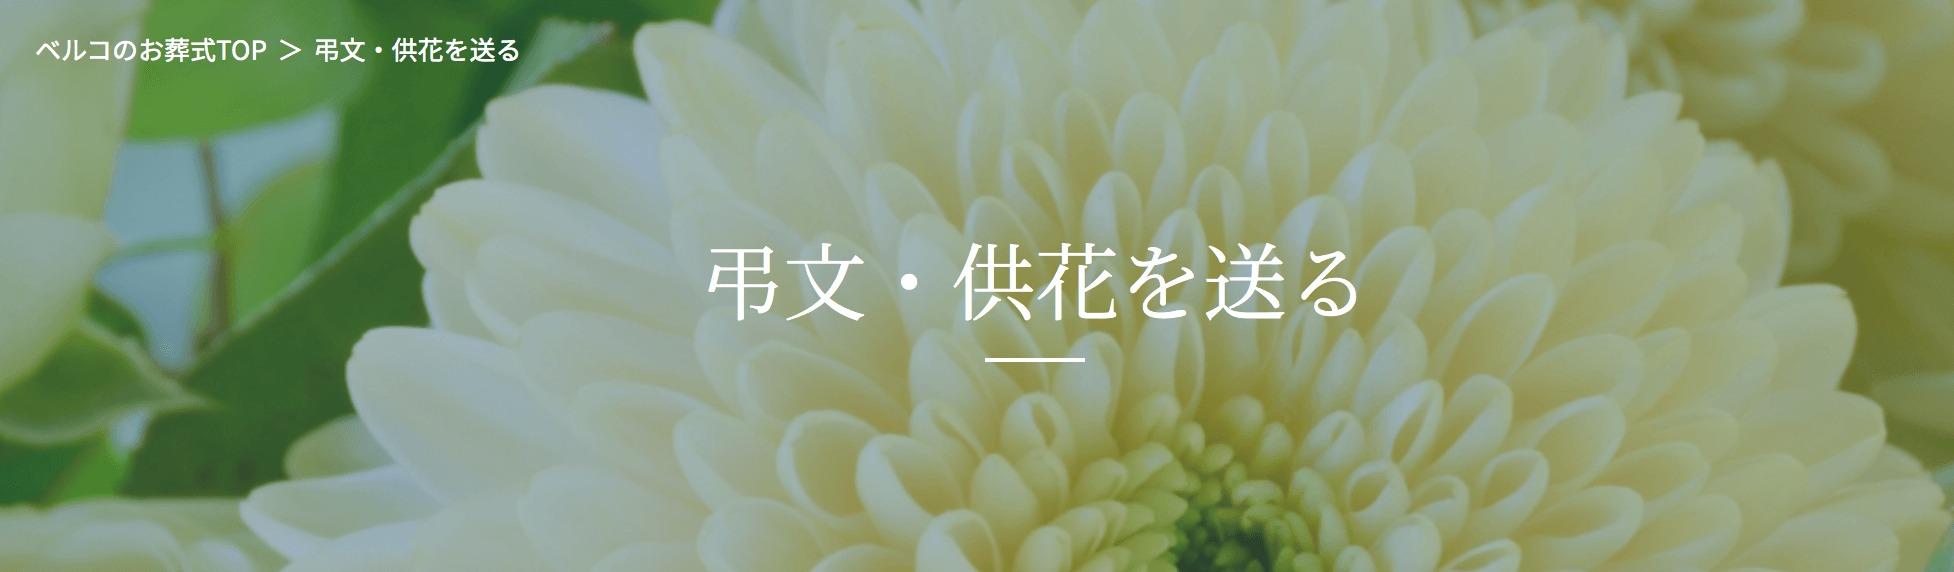 オンラインで供物や供花、弔電を送ることができる